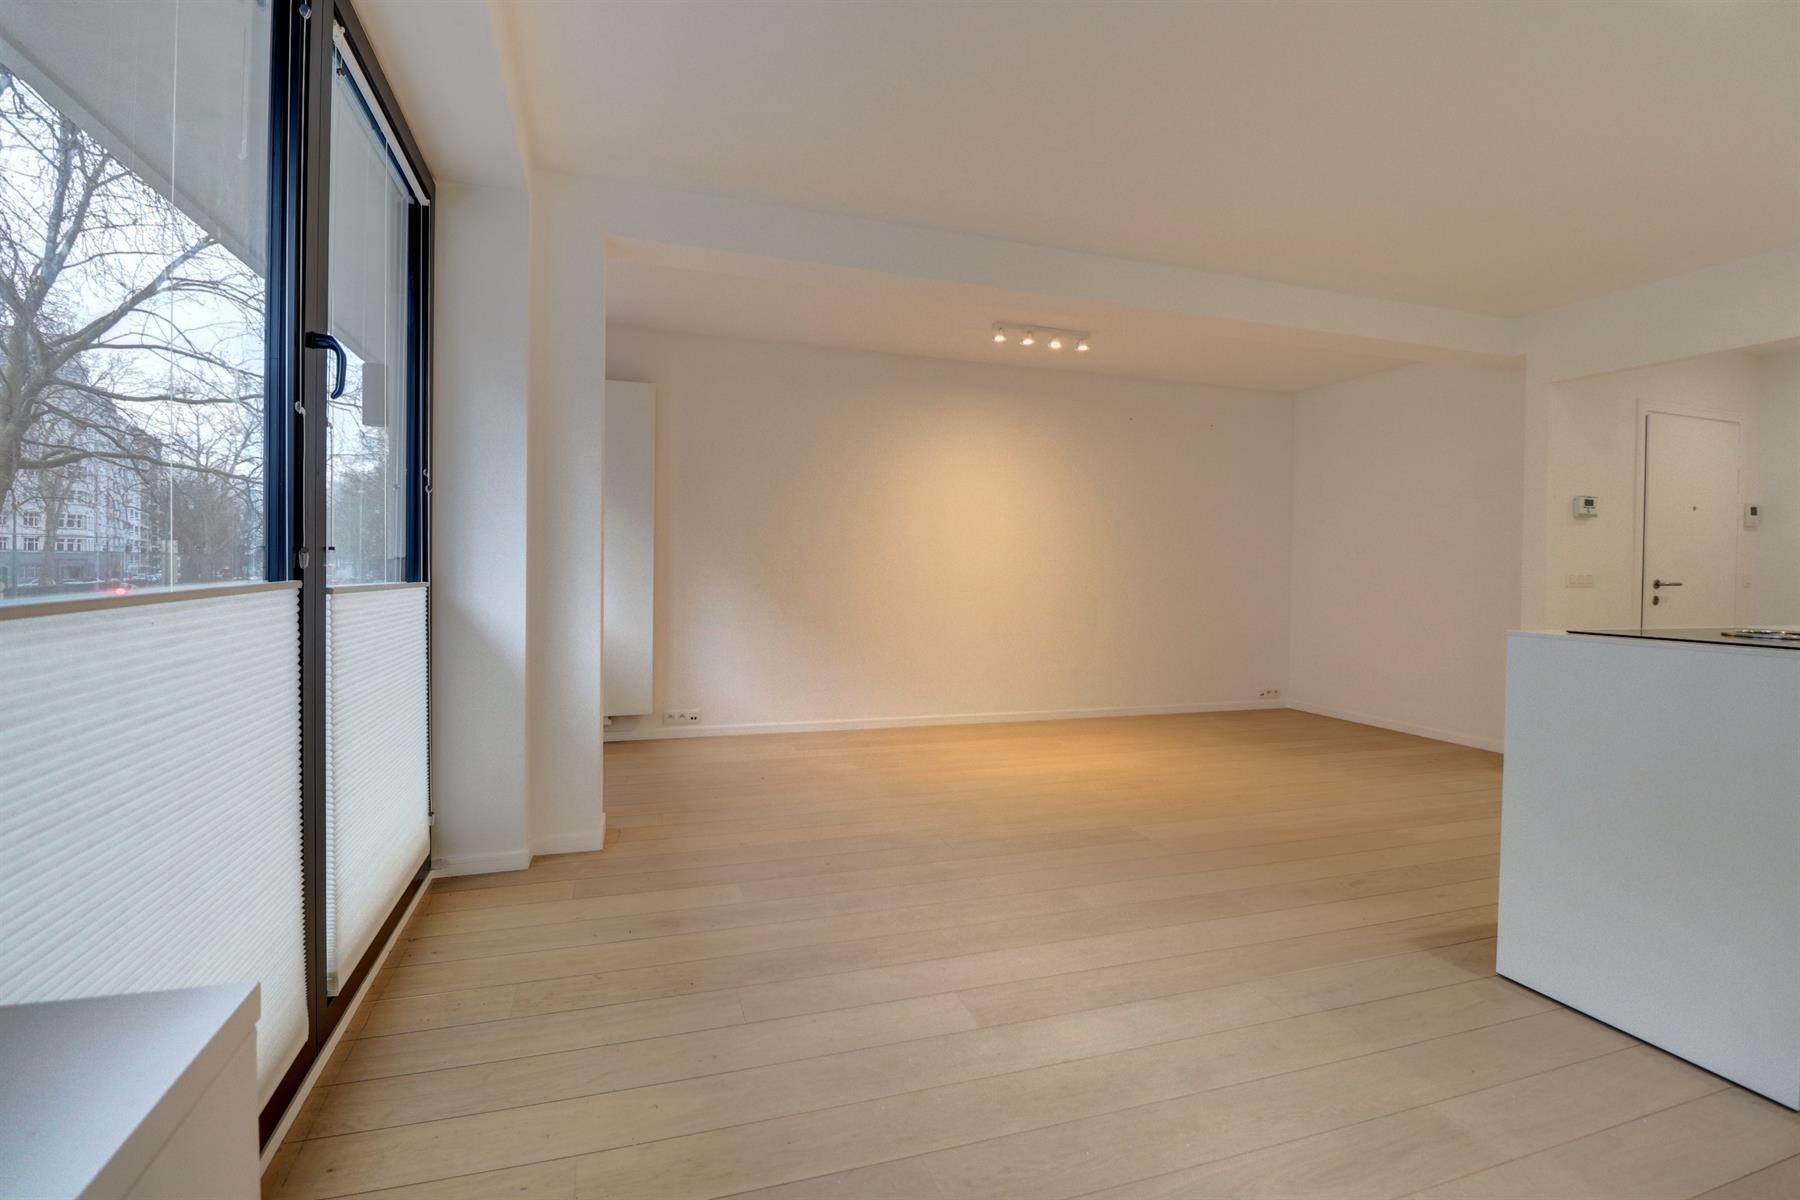 Appartement - Bruxelles - #4264774-28